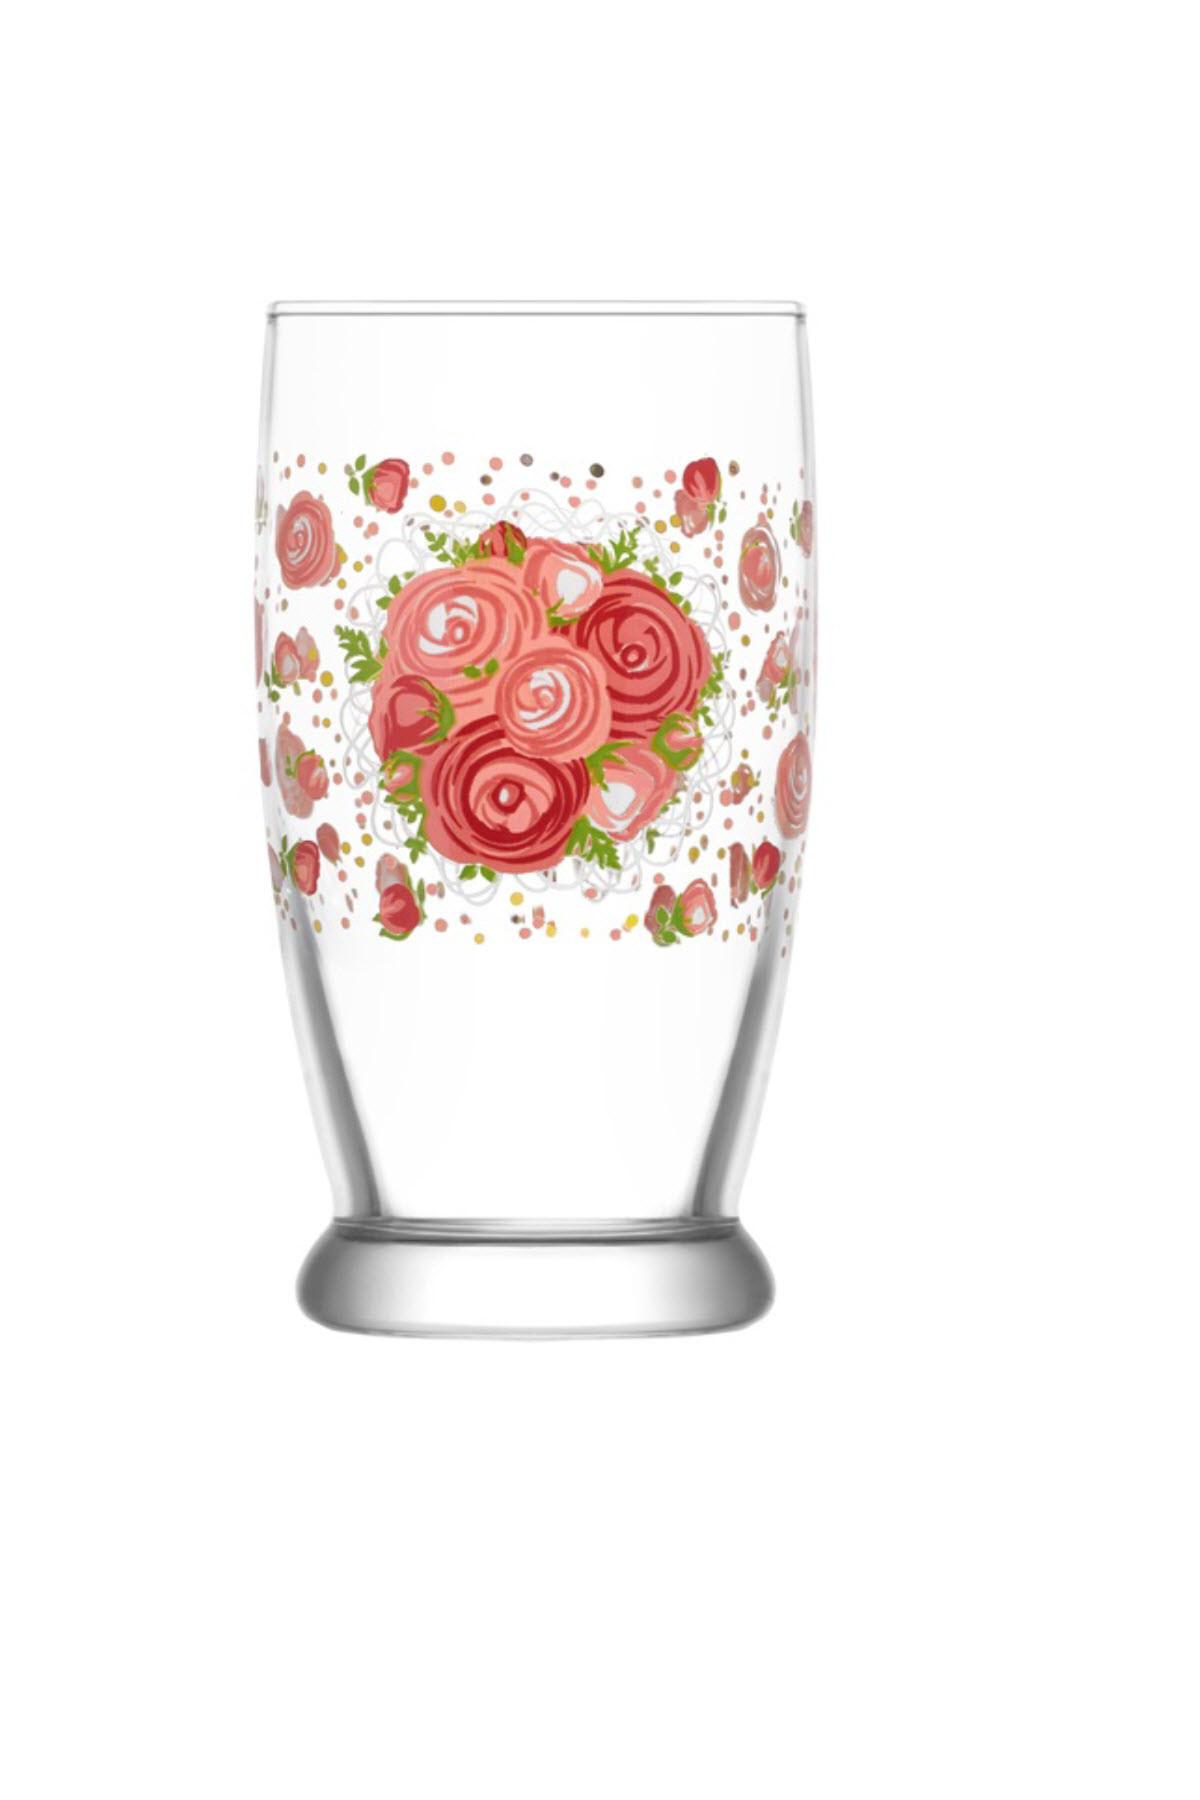 LAV Elçin 3 Parça Kahve Yanı Su Bardağı 1